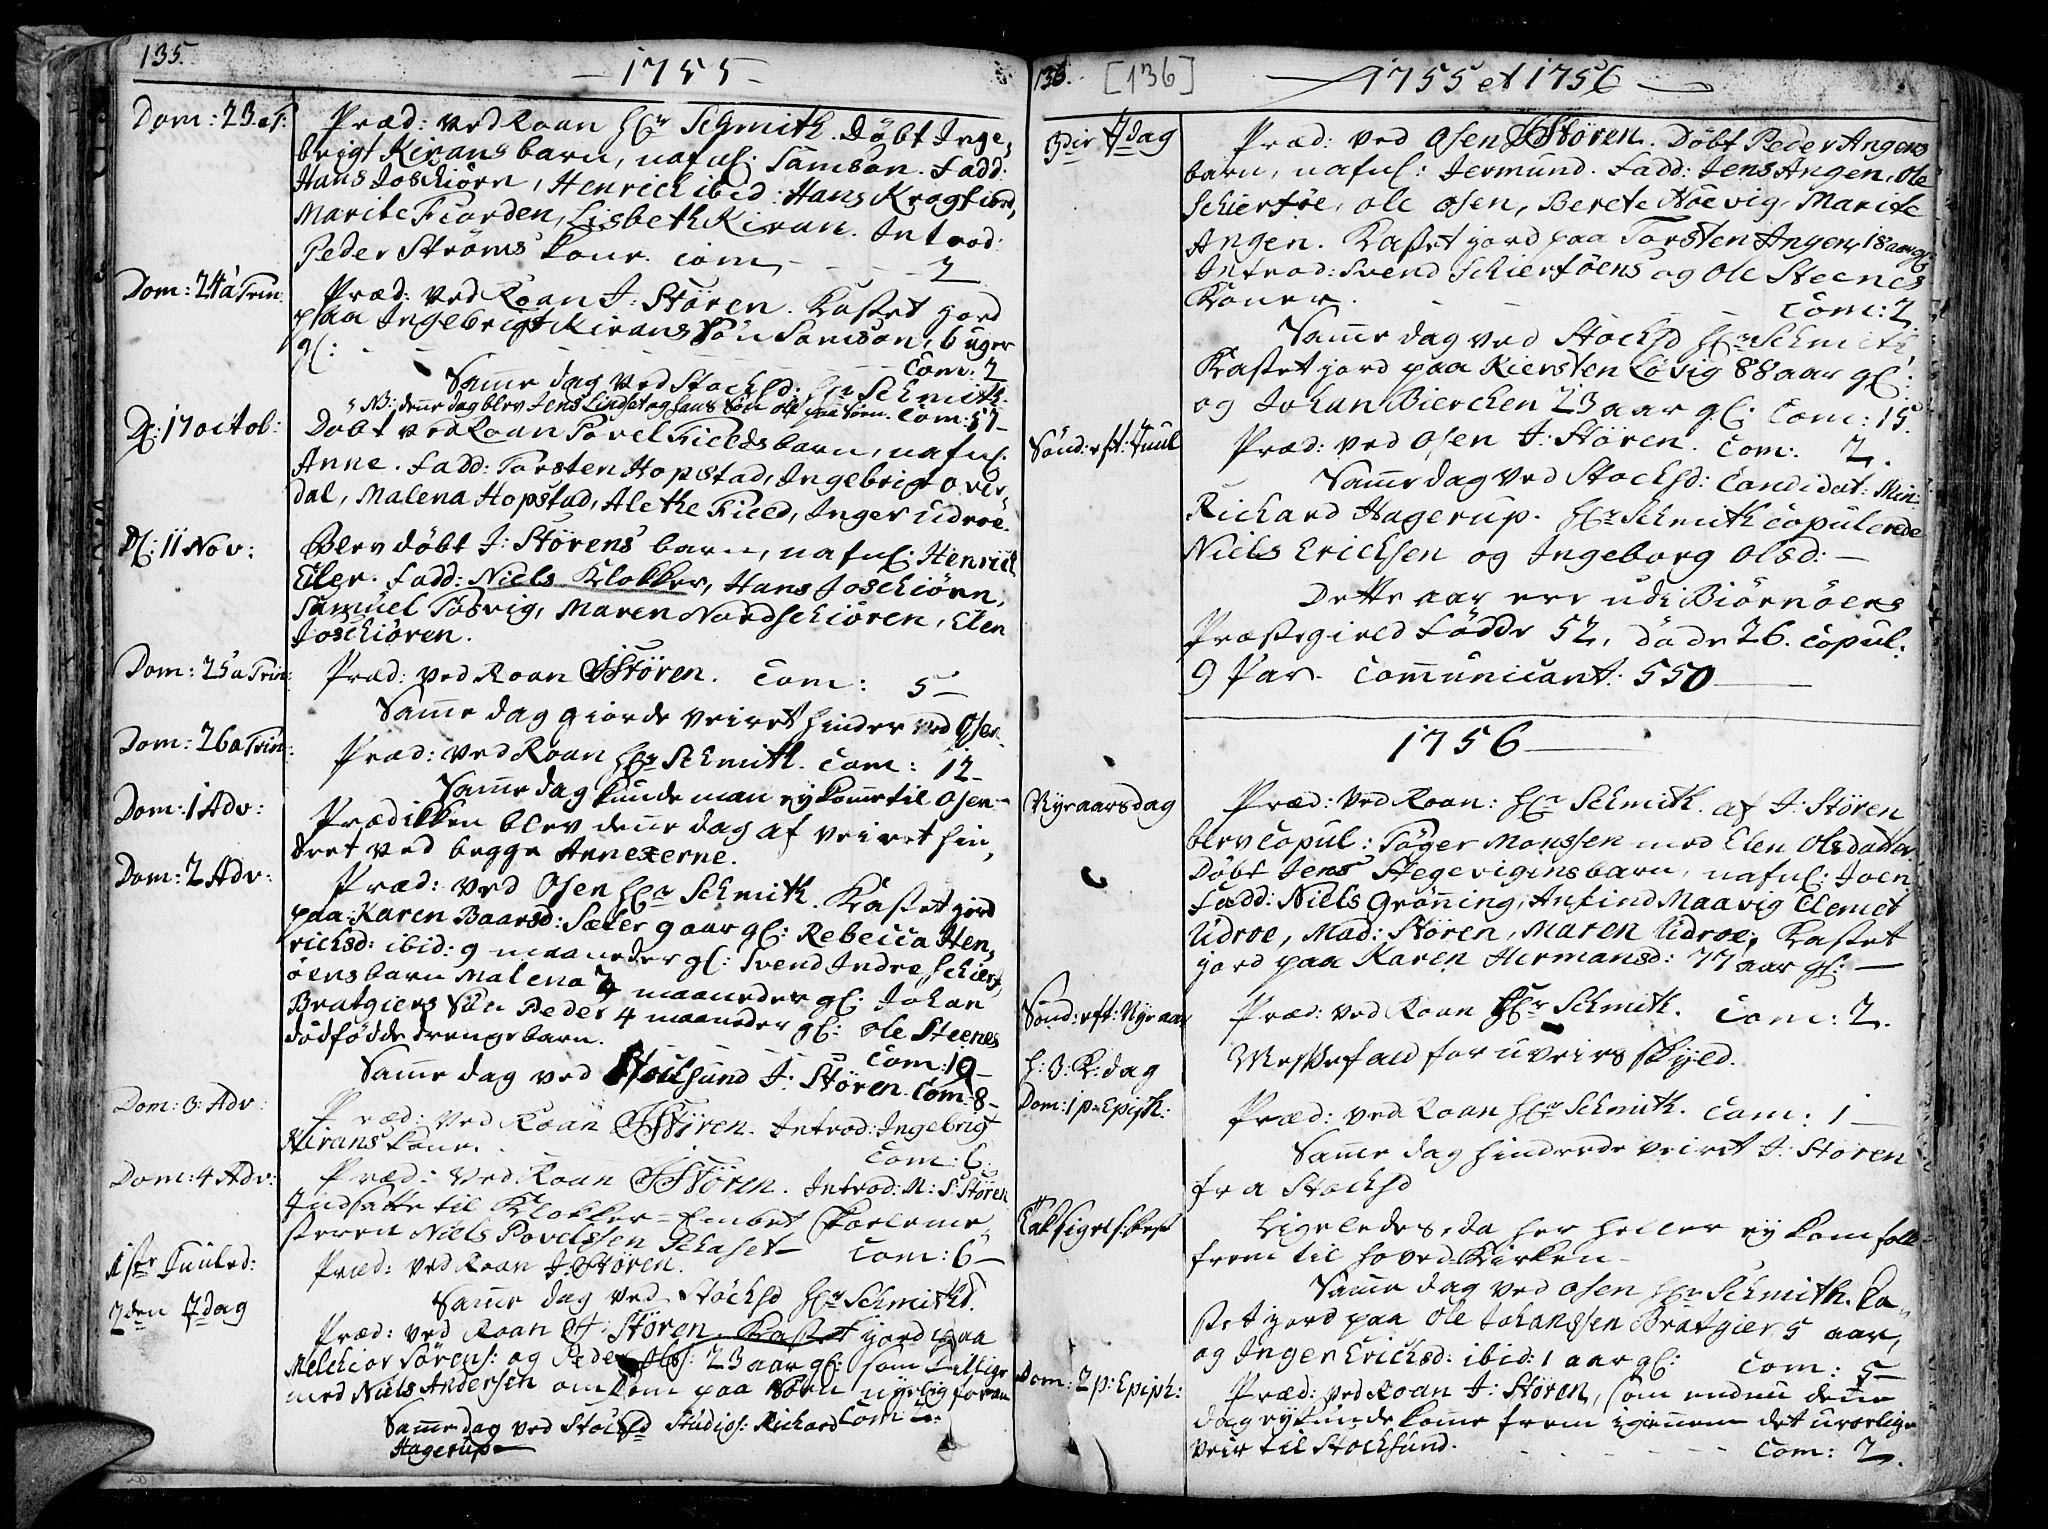 SAT, Ministerialprotokoller, klokkerbøker og fødselsregistre - Sør-Trøndelag, 657/L0700: Ministerialbok nr. 657A01, 1732-1801, s. 135-136